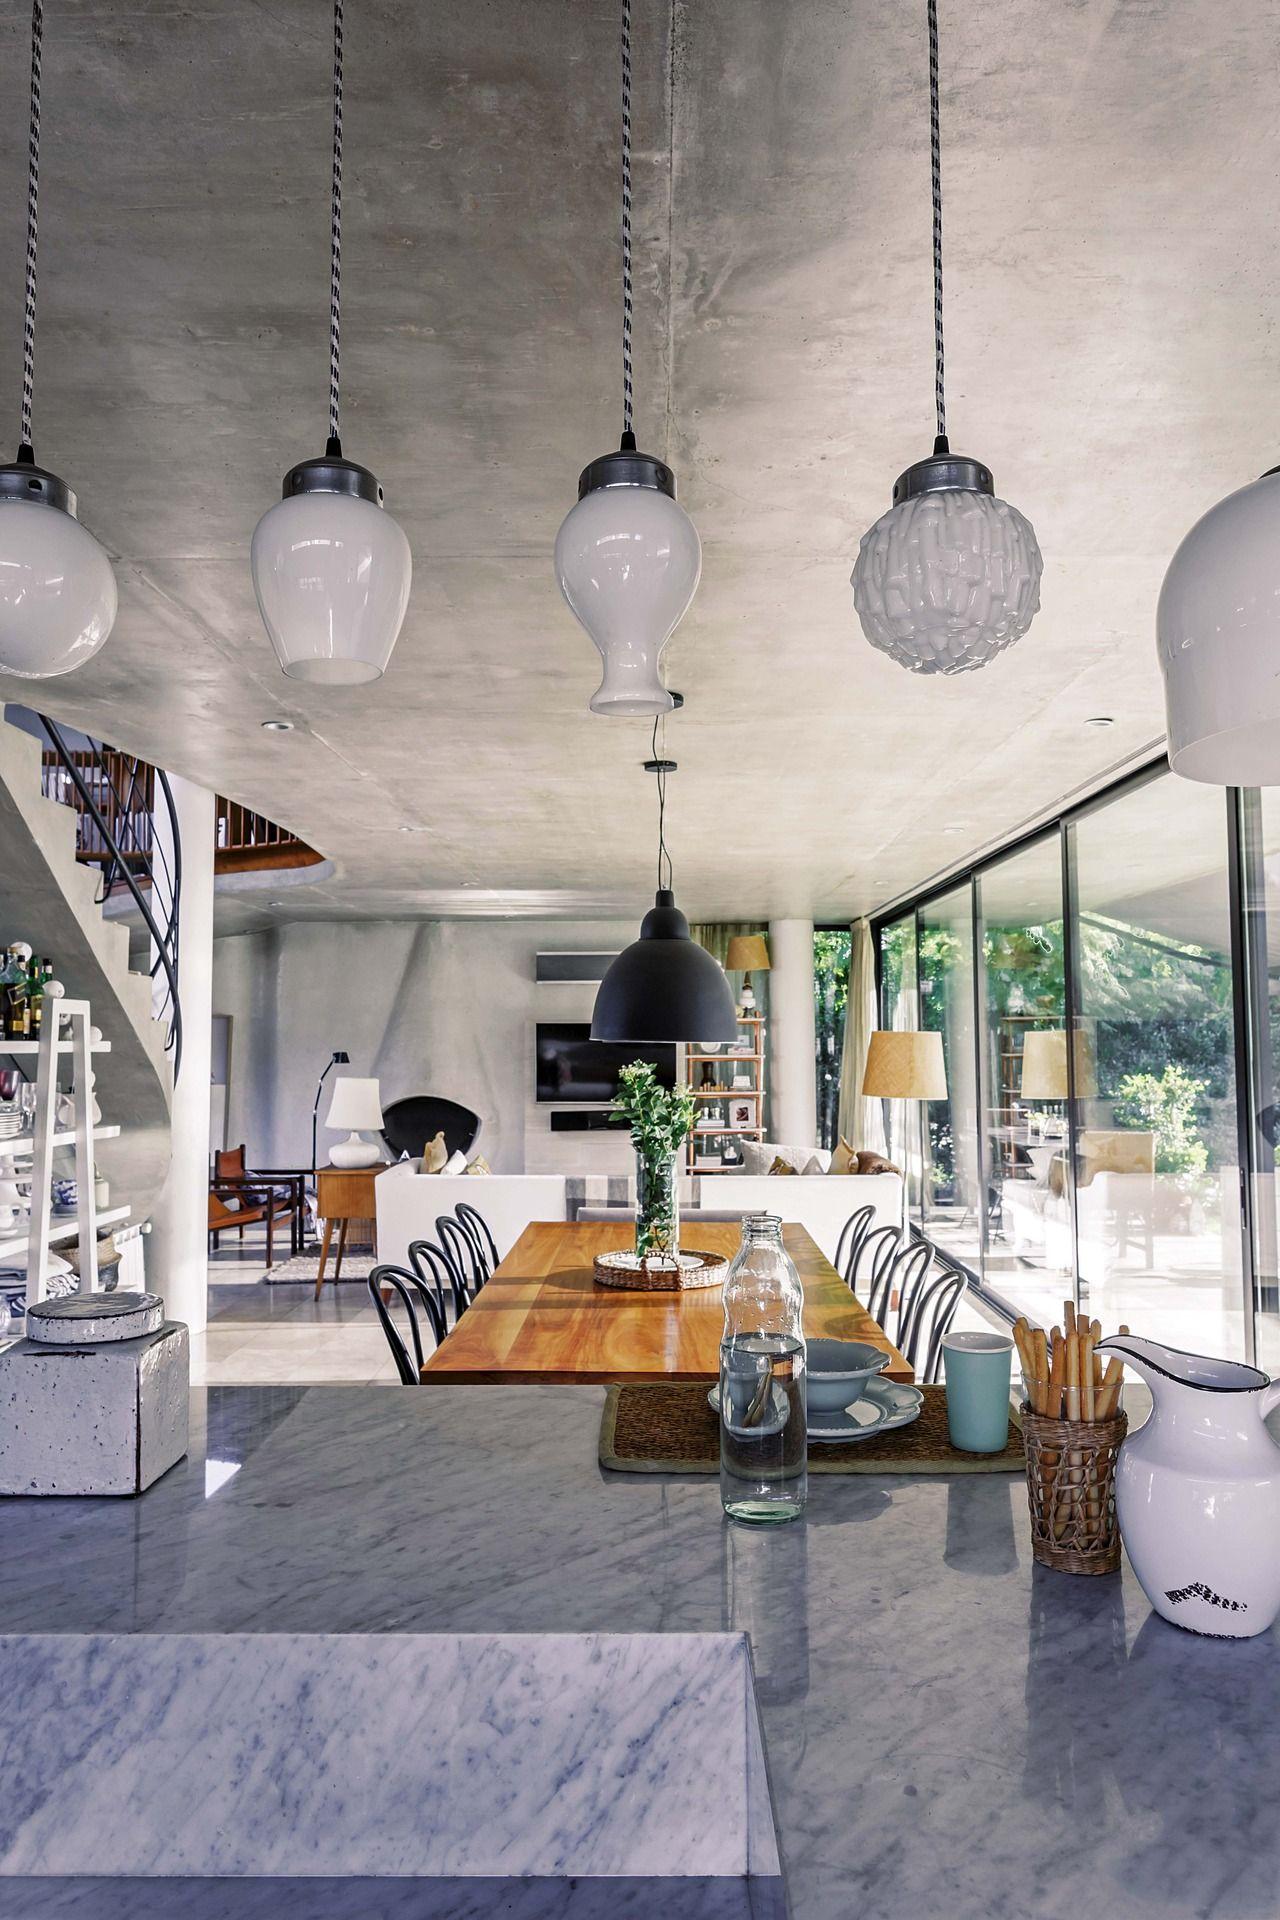 Una Casa Decorada Con Materiales Simples Al Servicio Del Dise O  # Alejandra Hoeffner Muebles